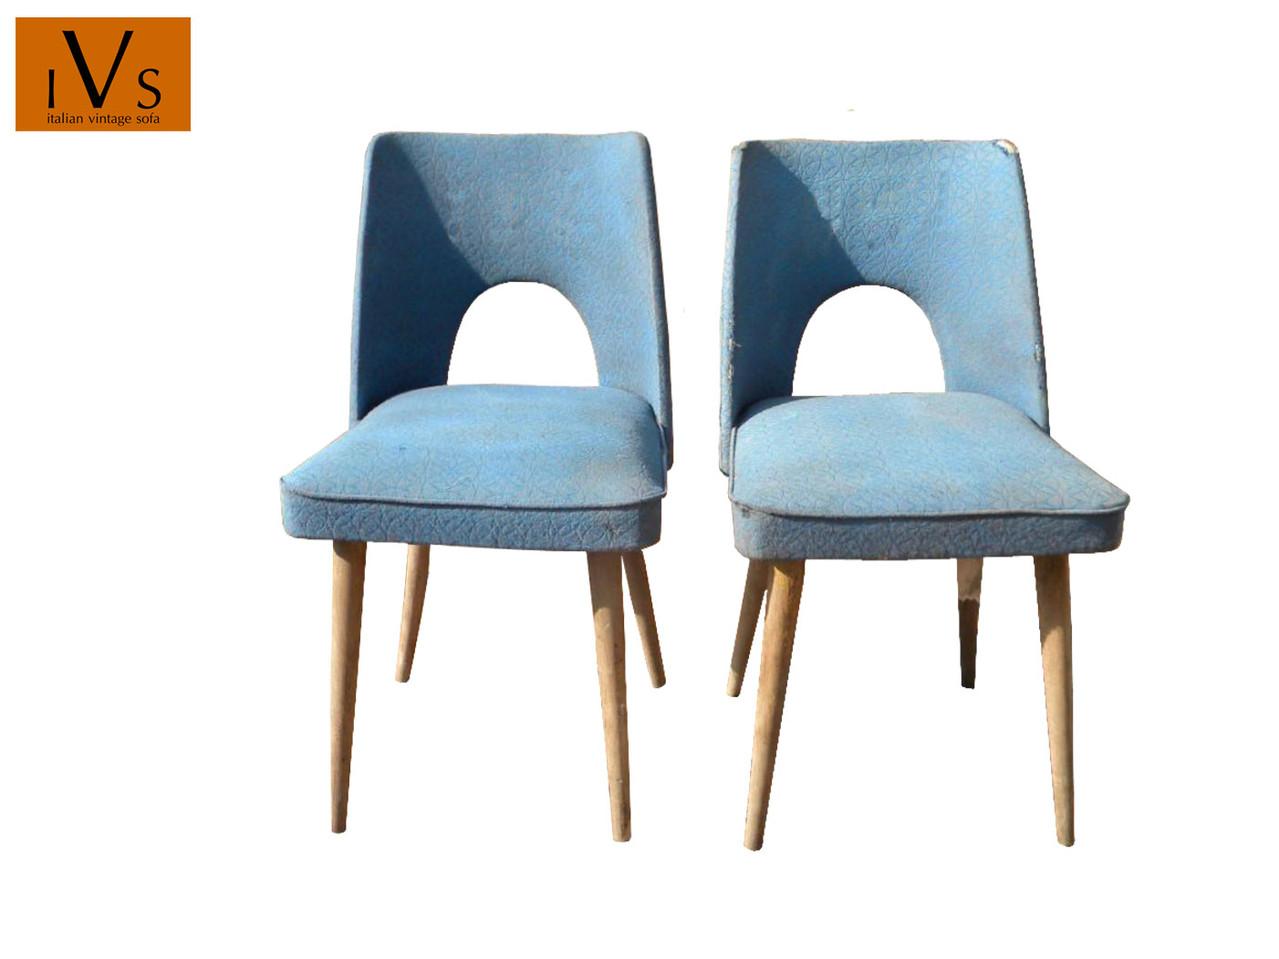 sedie club chair vintage anni 50 - italian vintage sofa - Sedie Vintage Anni 60